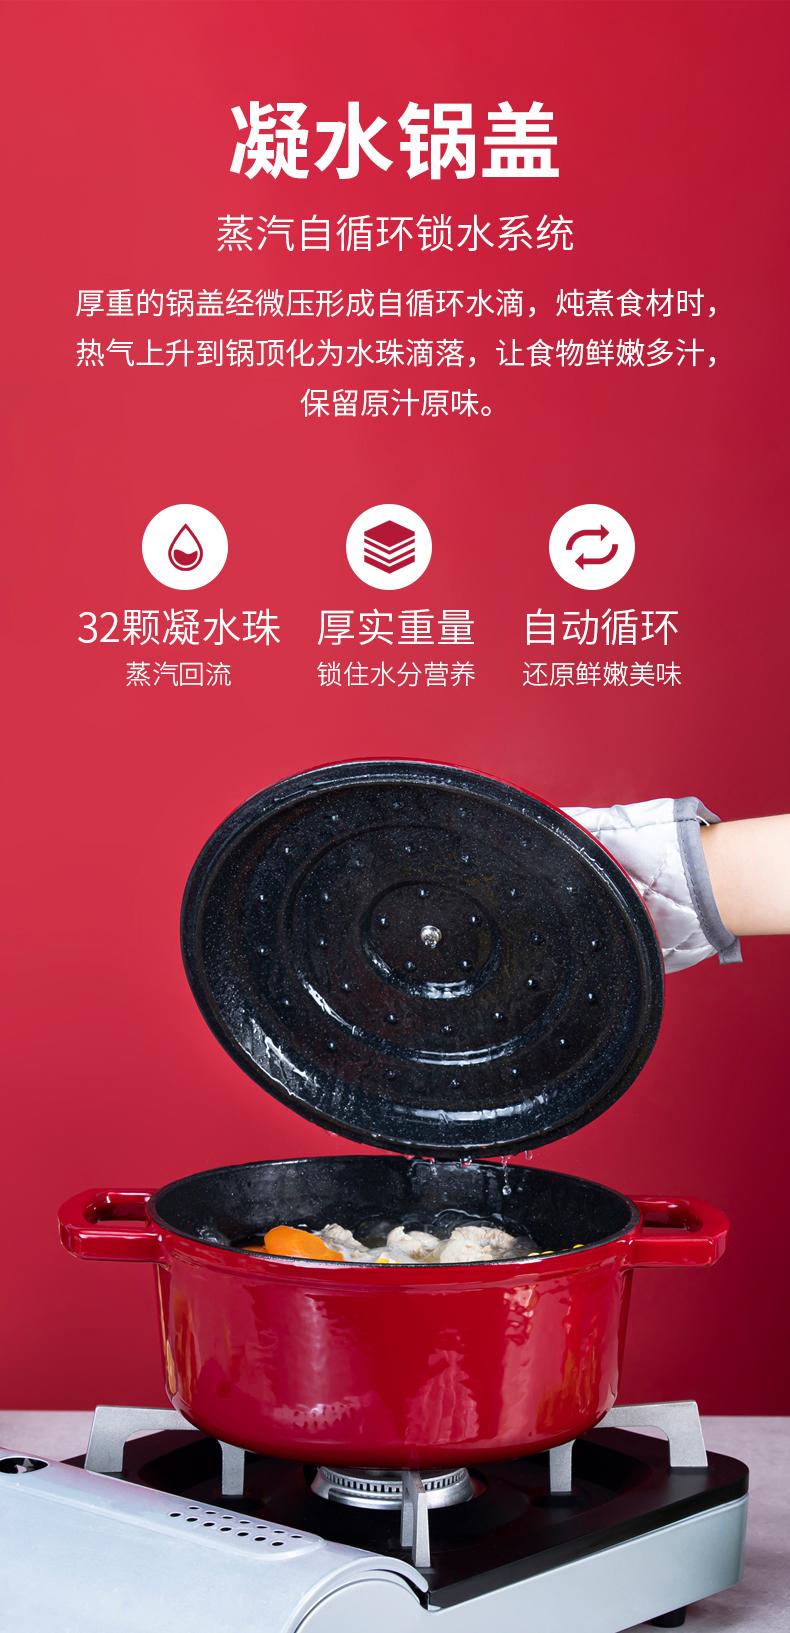 凌丰 珐琅铸铁锅 高颜值网红锅 高密闭性快熟锅 22cm/3.6L 券后149元包邮 买手党-买手聚集的地方